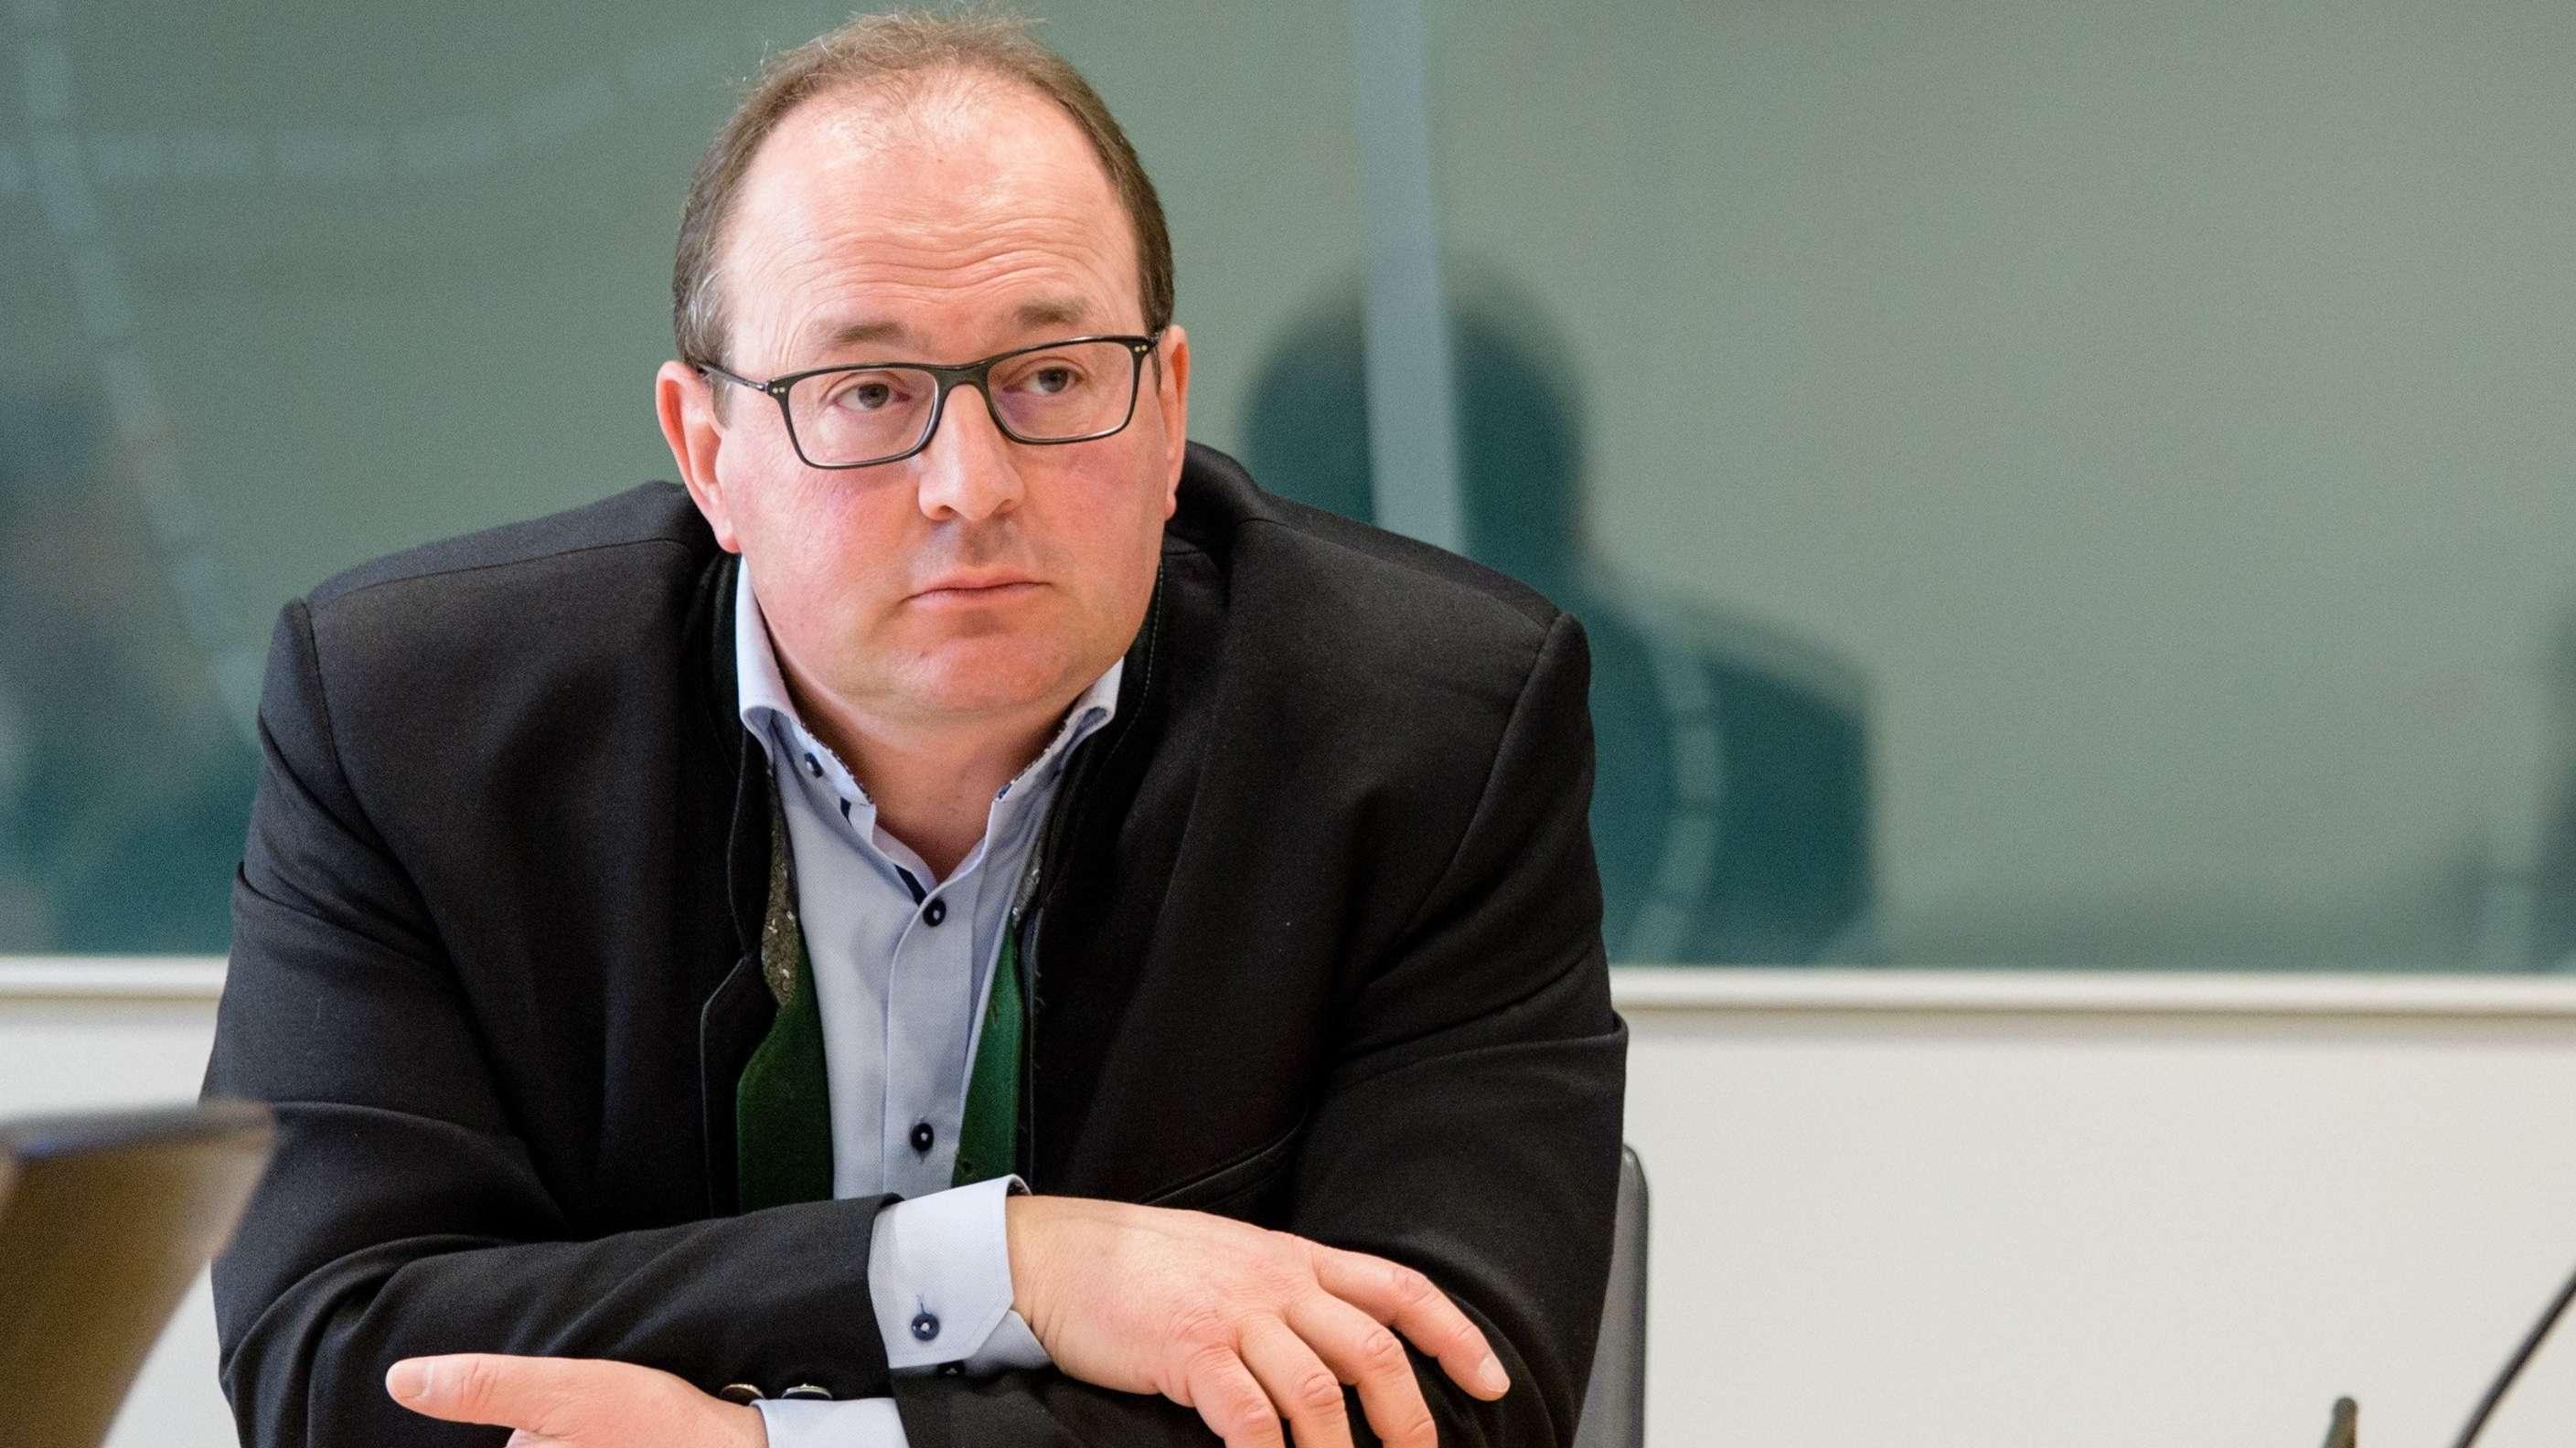 Markus Plenk, ehemaliger Vorsitzender der AfD-Fraktion im Bayerischen Landtag